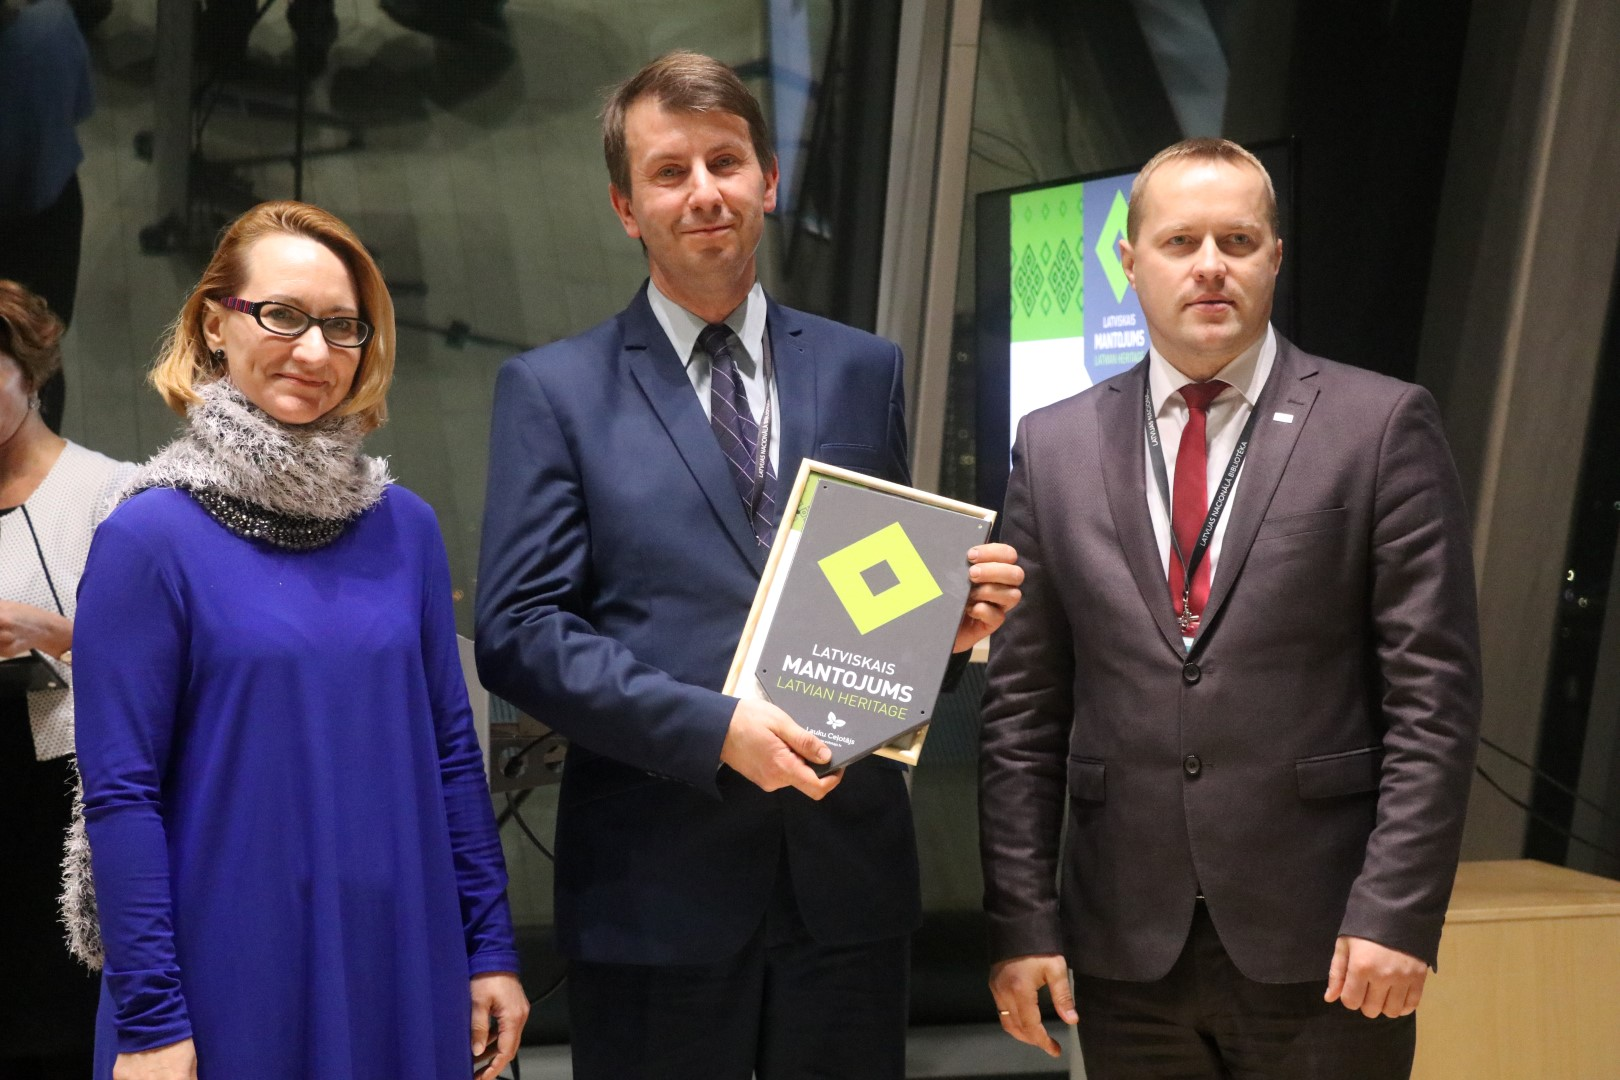 Uģis Puzulis (attēlā vidū) ar saņemto kultūras zīmi un apliecinājuma rakstu, Latvijas Republikas kultūras ministre Dace Melbārde, LPS priekšsēža vietnieks Gints Kukainis